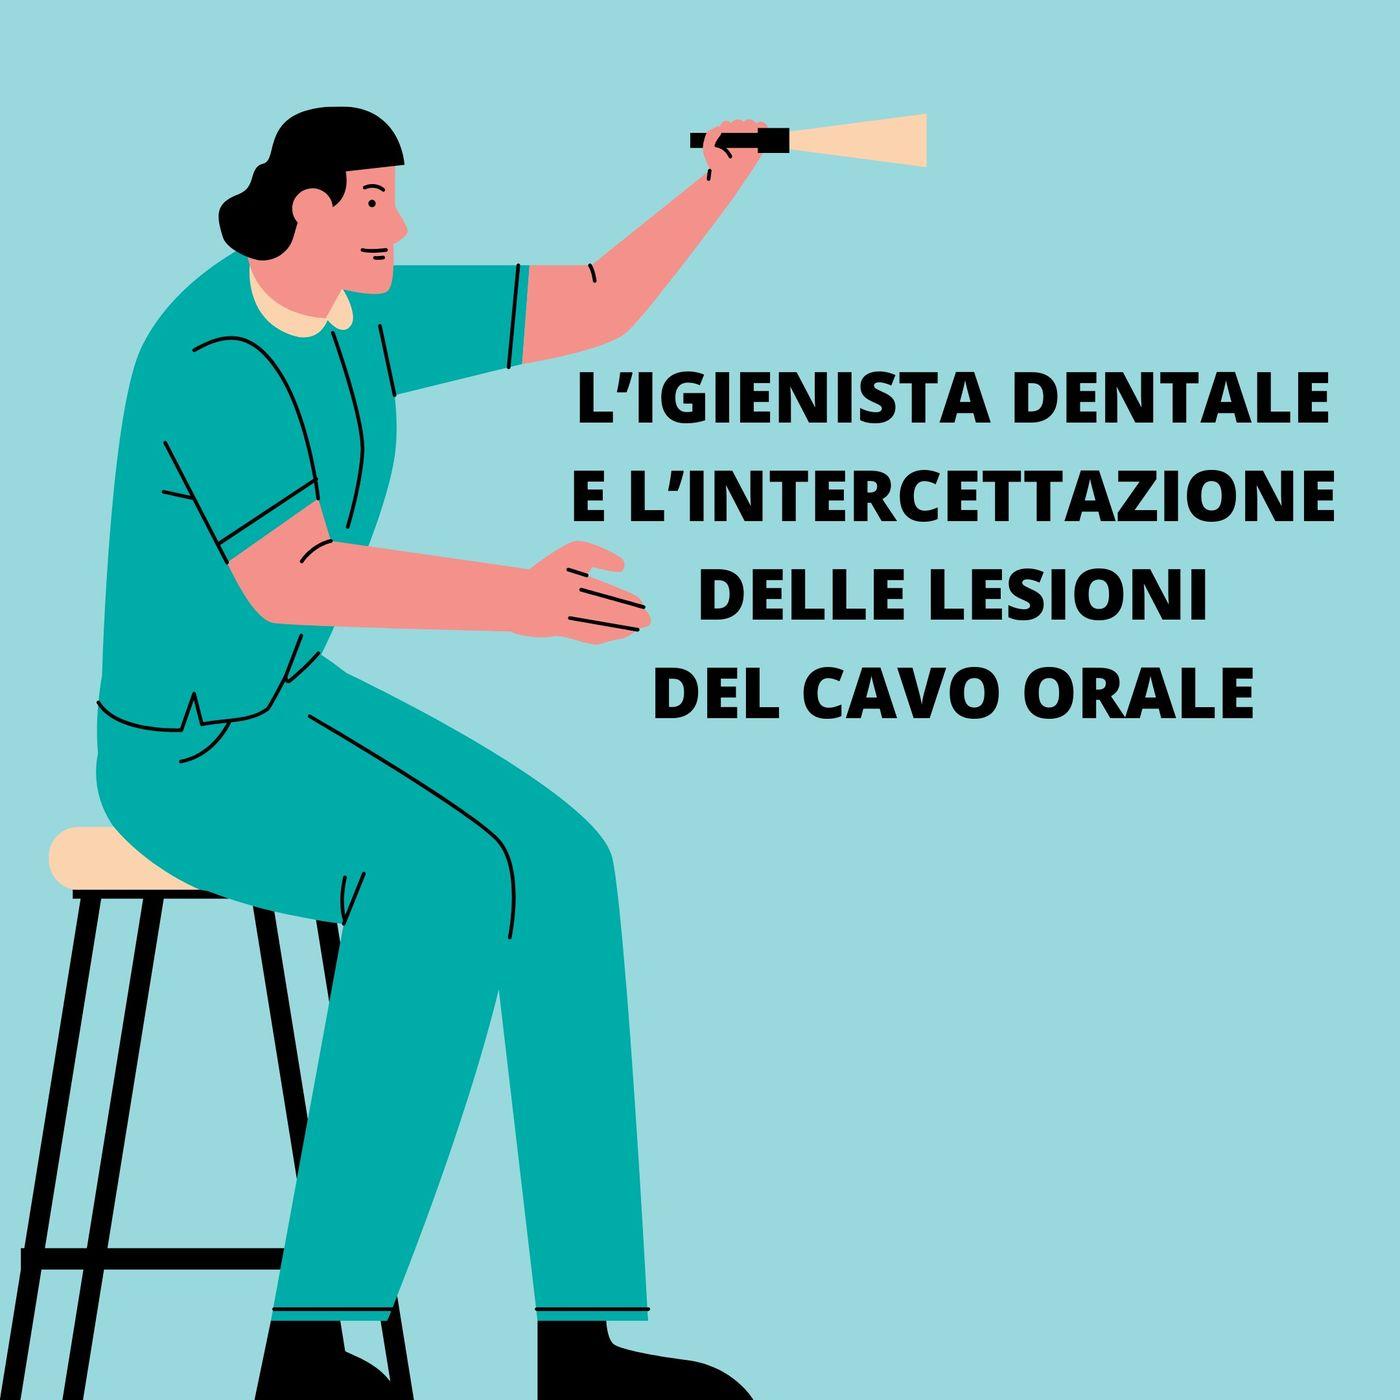 [Aggiornamento] L'igienista dentale e l'intercettazione delle lesioni del cavo orale - Dott.ssa Gaia Magliano e Dott. Matteo Val